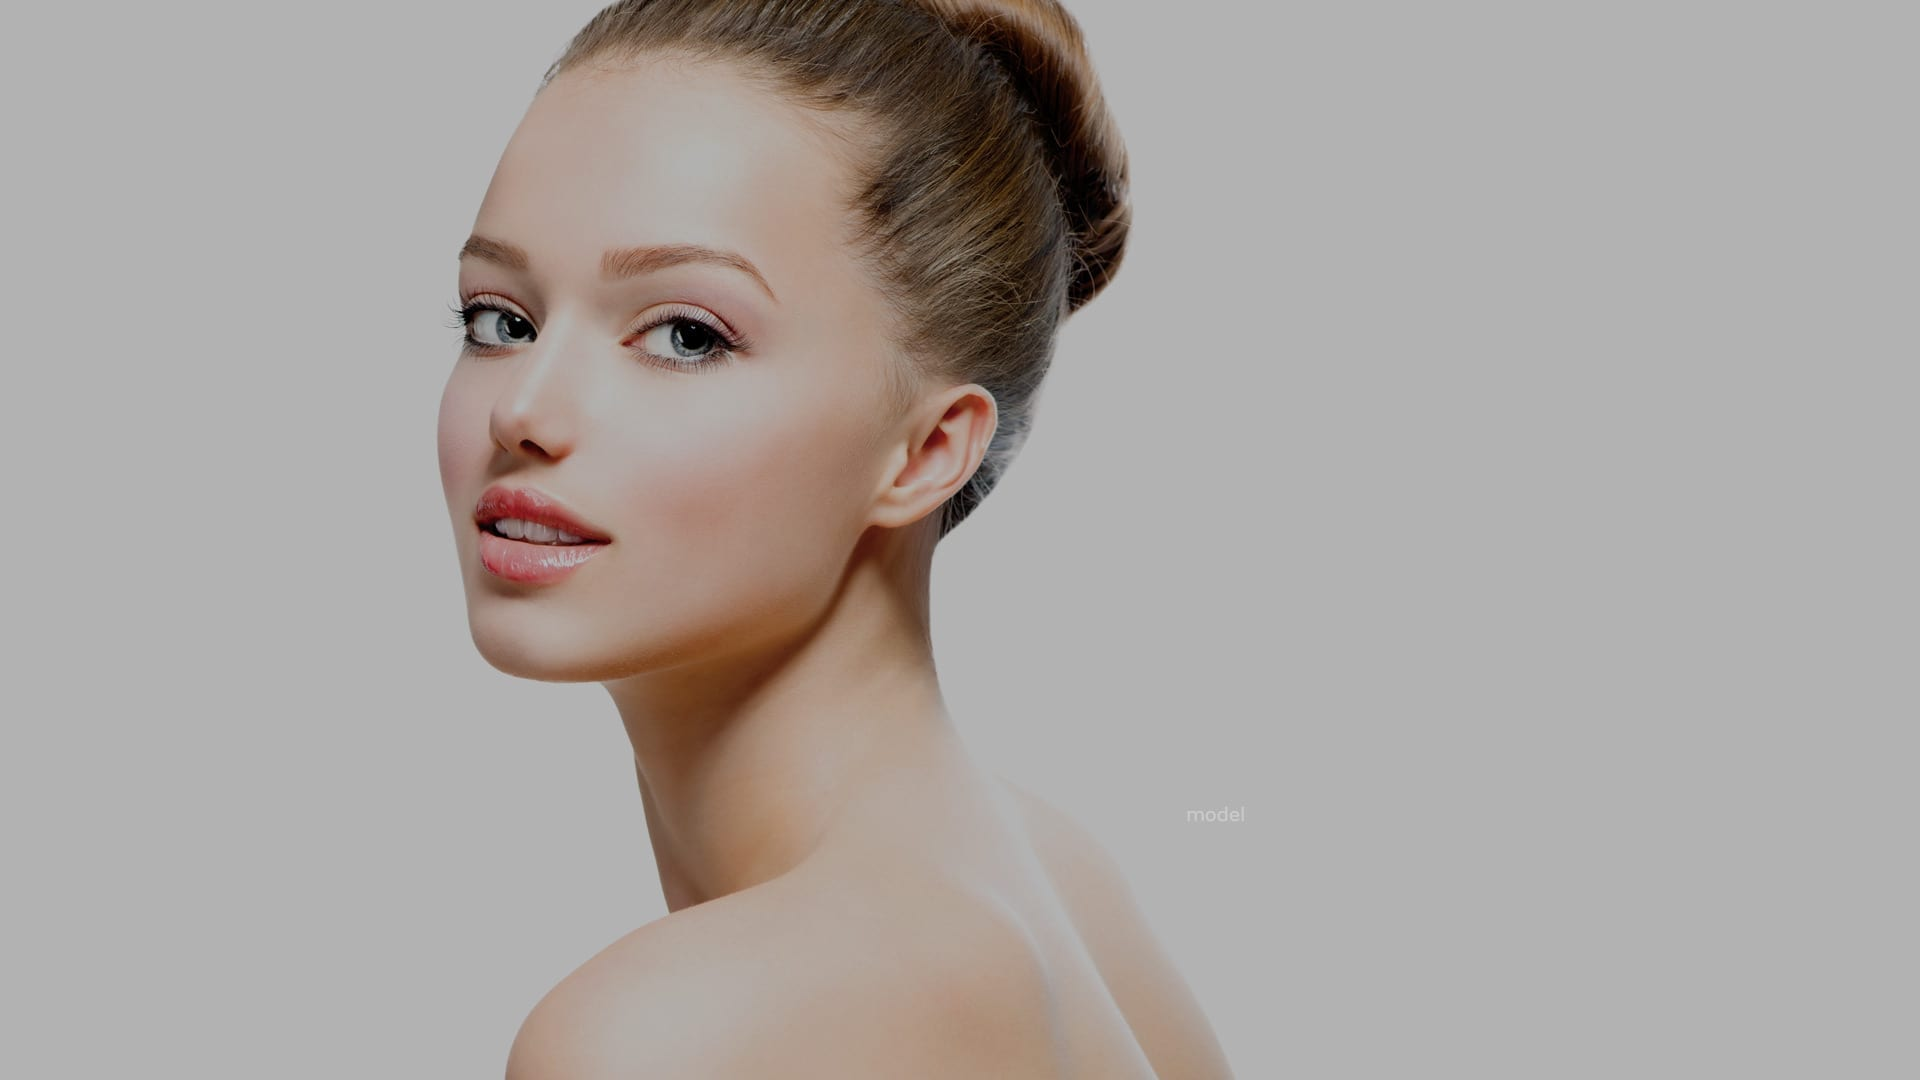 Facial Implants Surgery | Cleveland, OH | Dr  Matt Goldschmidt